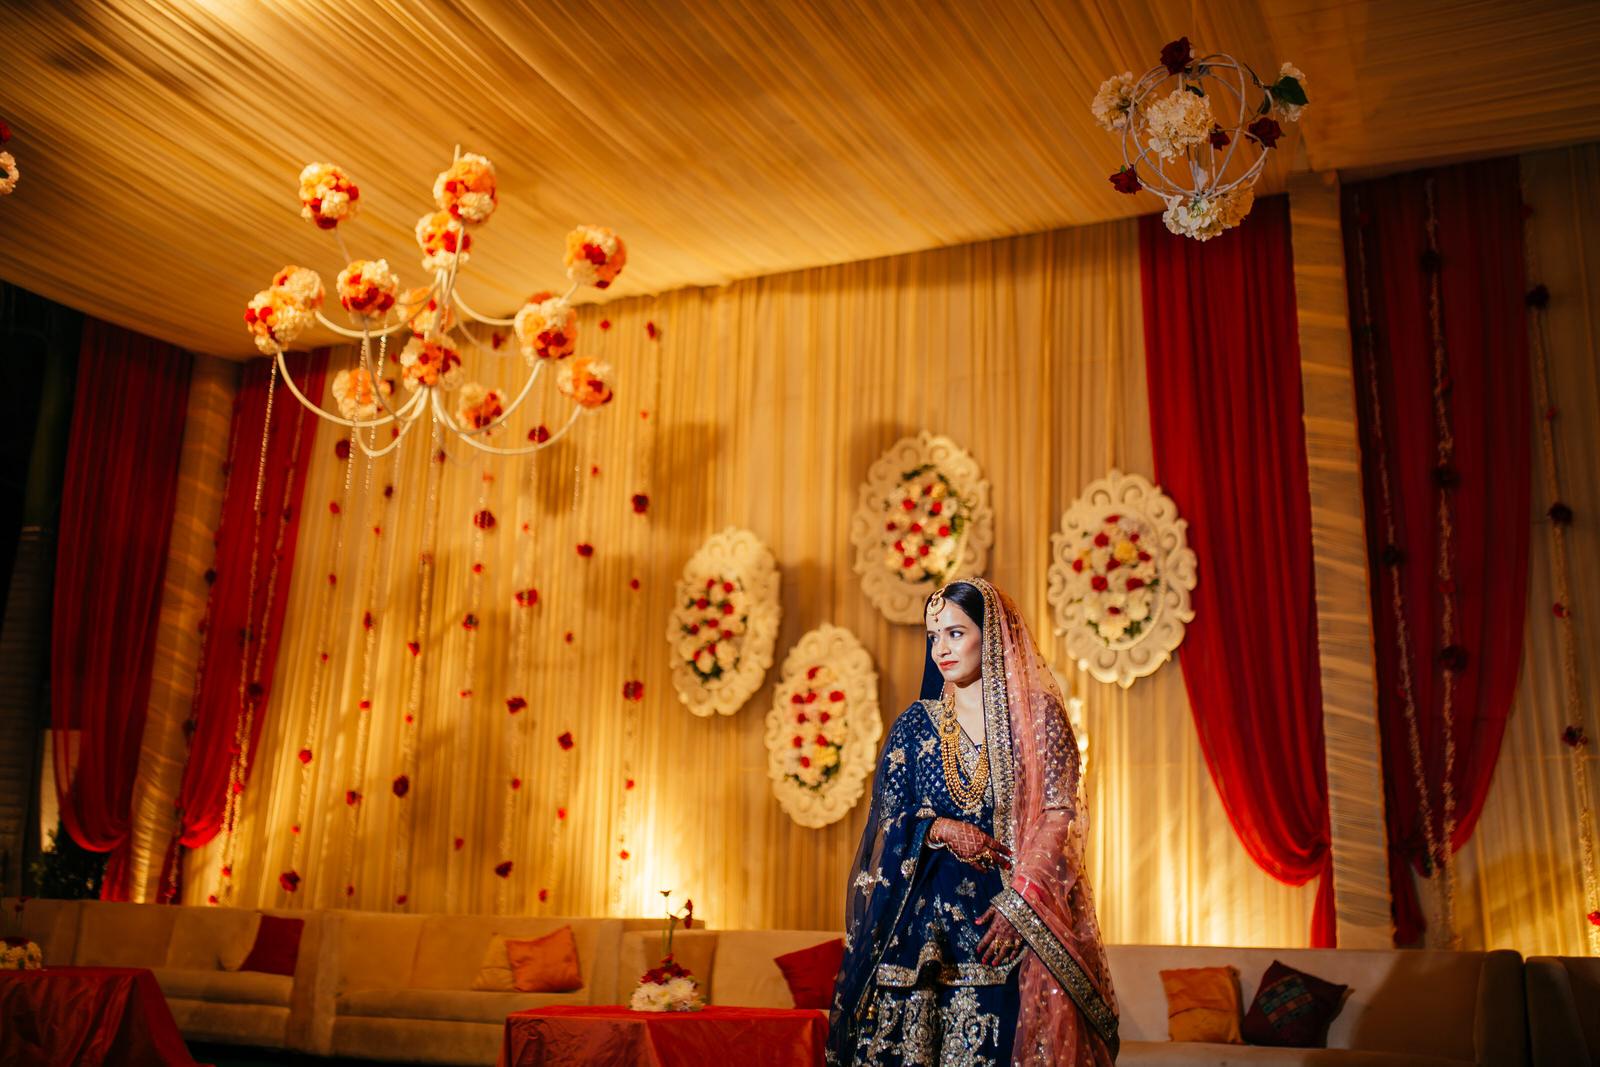 Hindu Night Wedding Day 2 - Camera 1-130.jpg